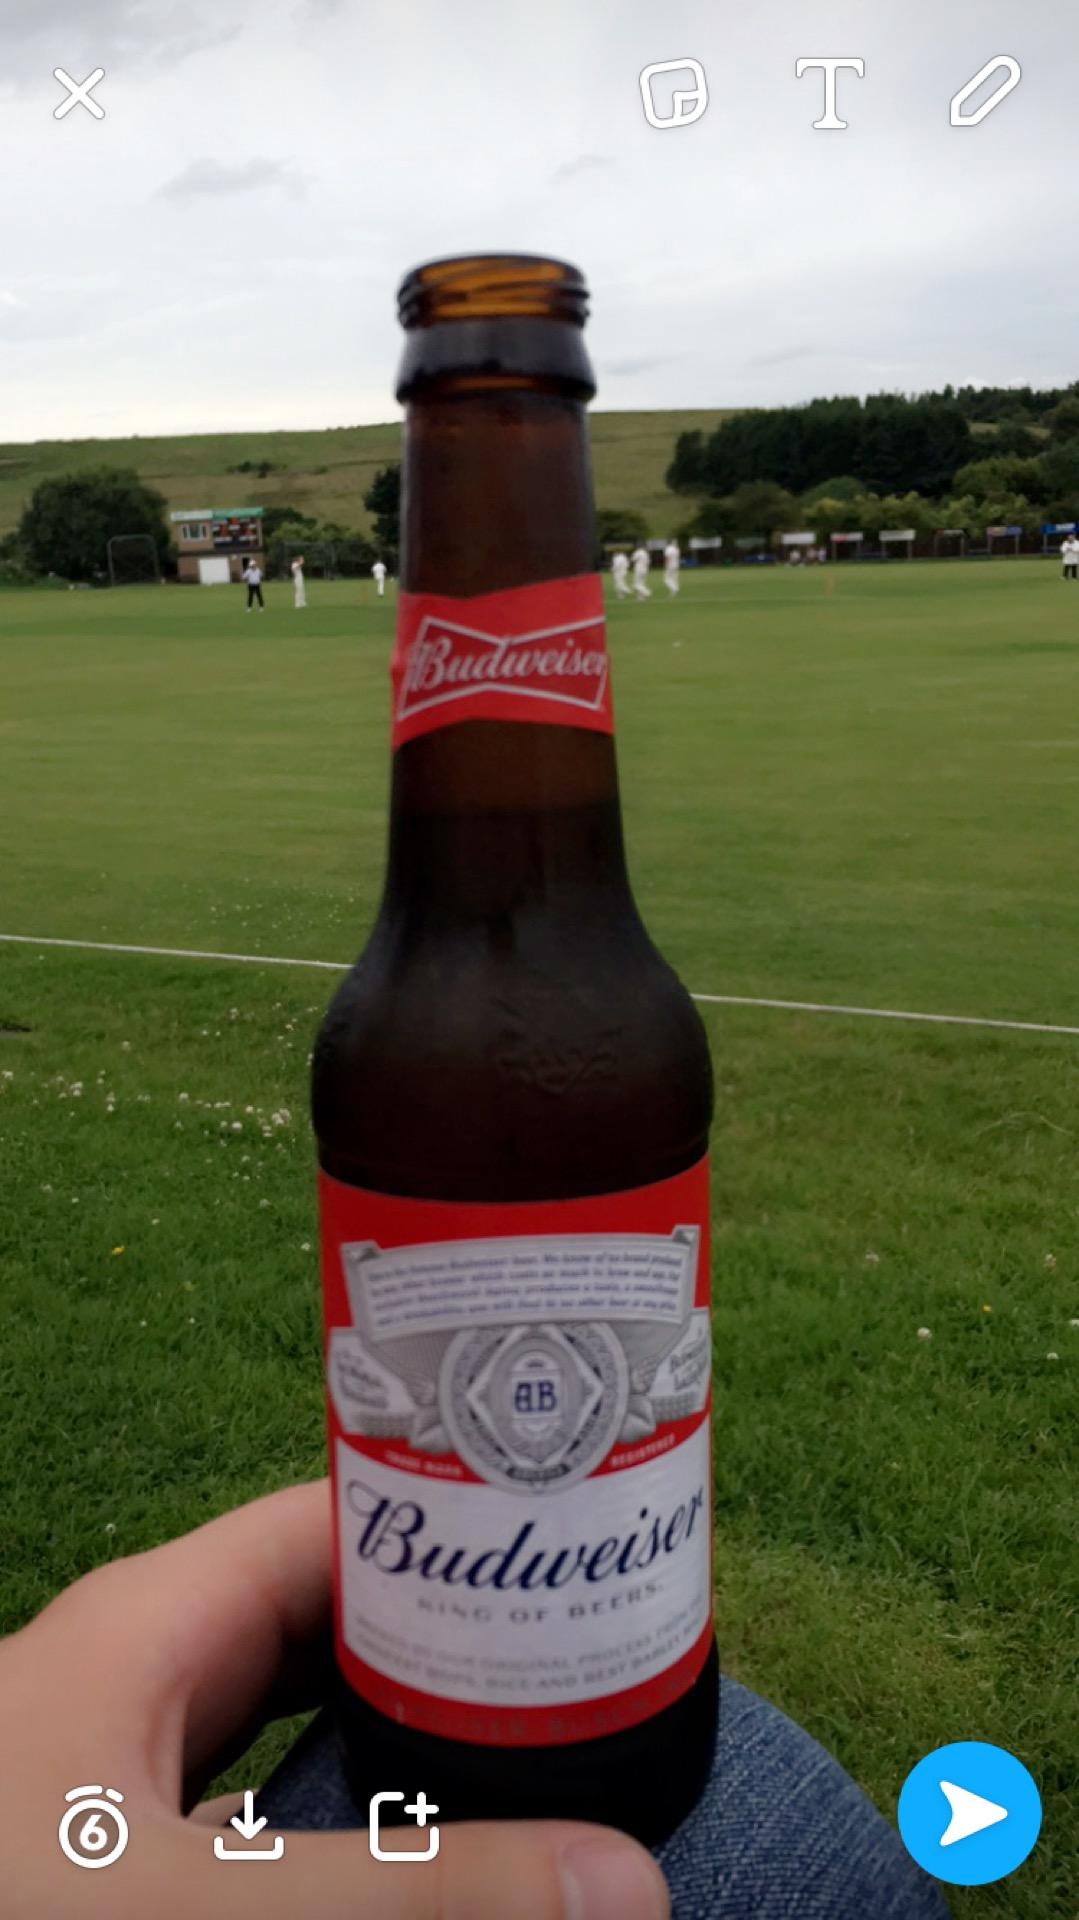 Church & Oswaldtwistle Cricket Club & Social Club | Blackburn Road, Accrington BB5 4LZ | +44 1254 385094